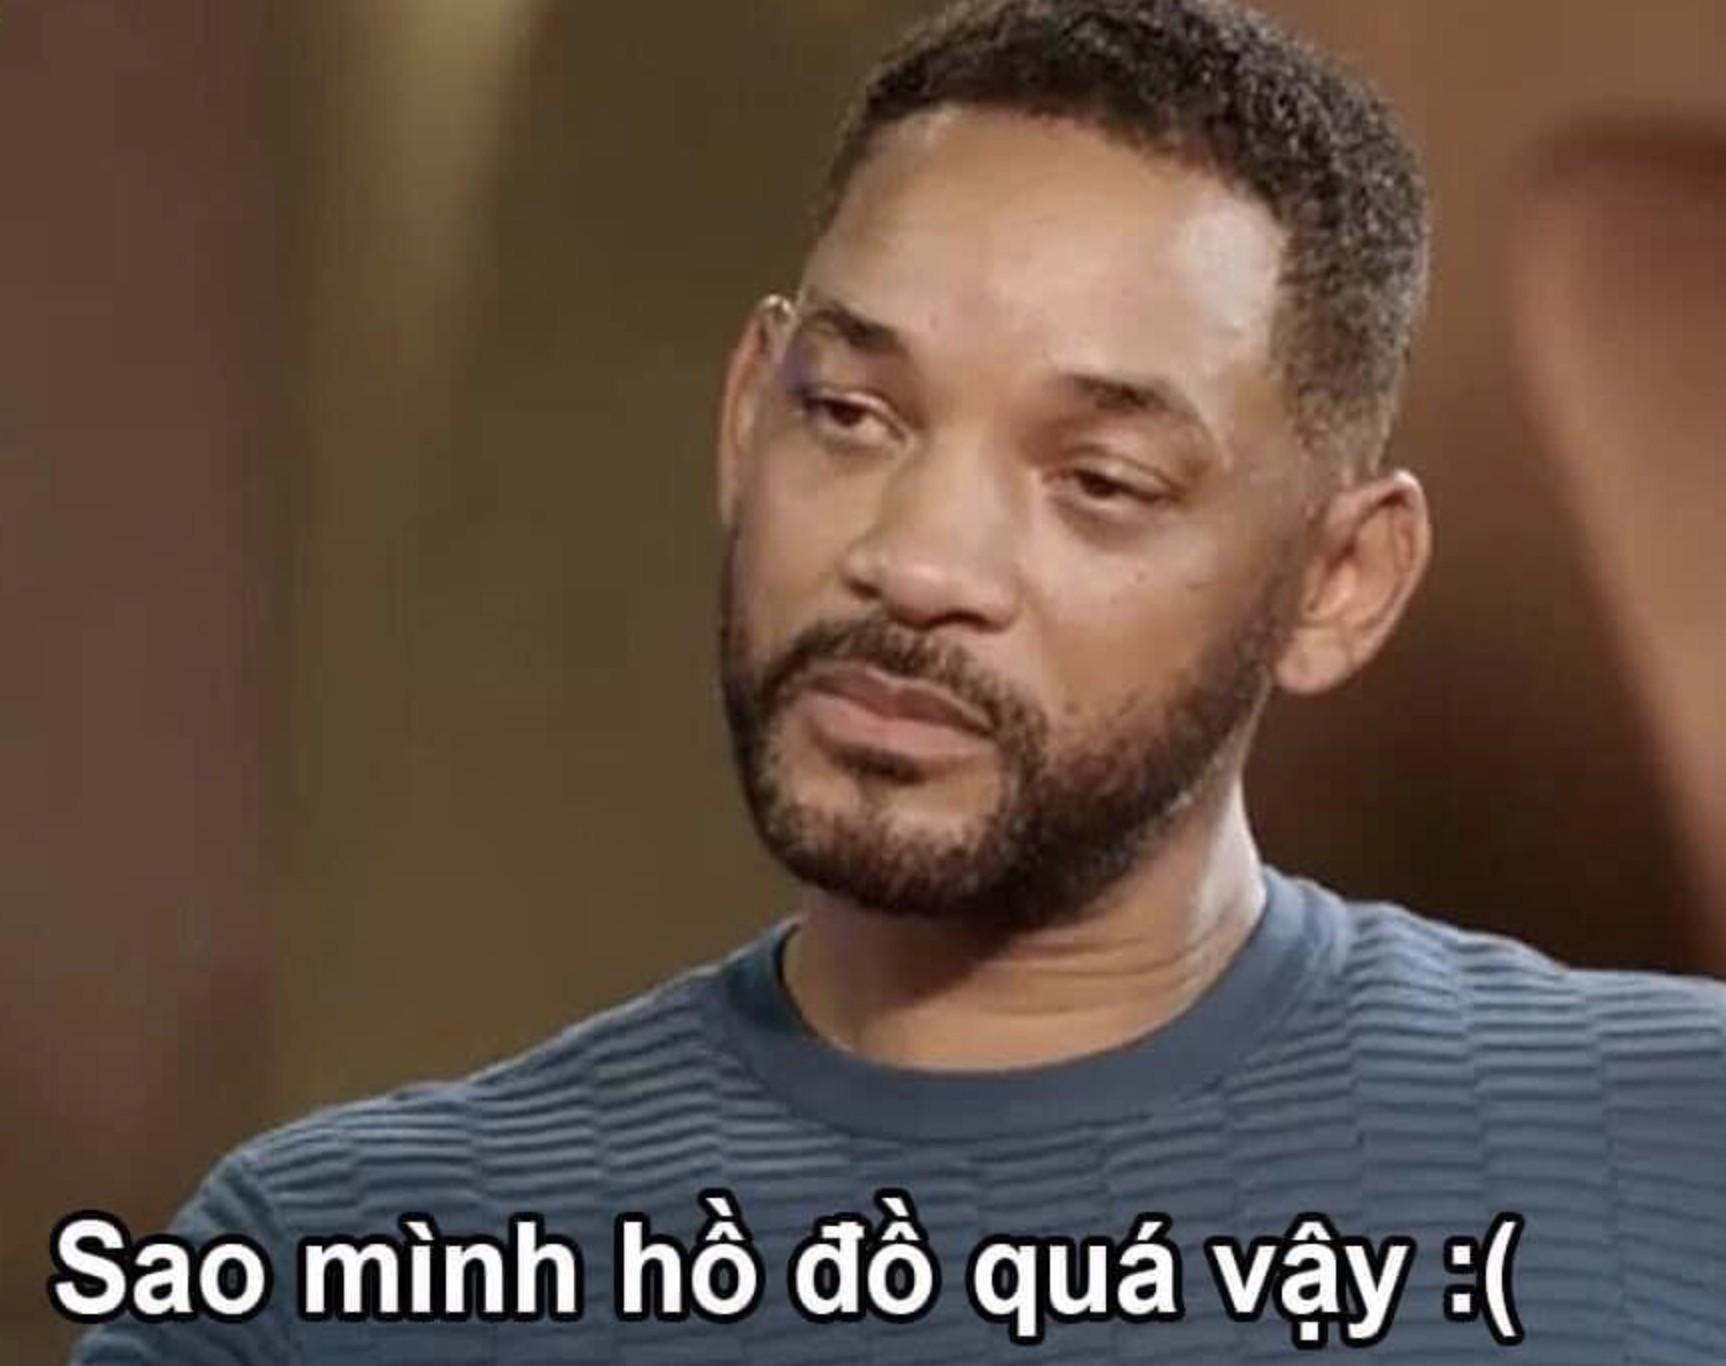 Will Smith nói sao mình hồ đồ quá vậy